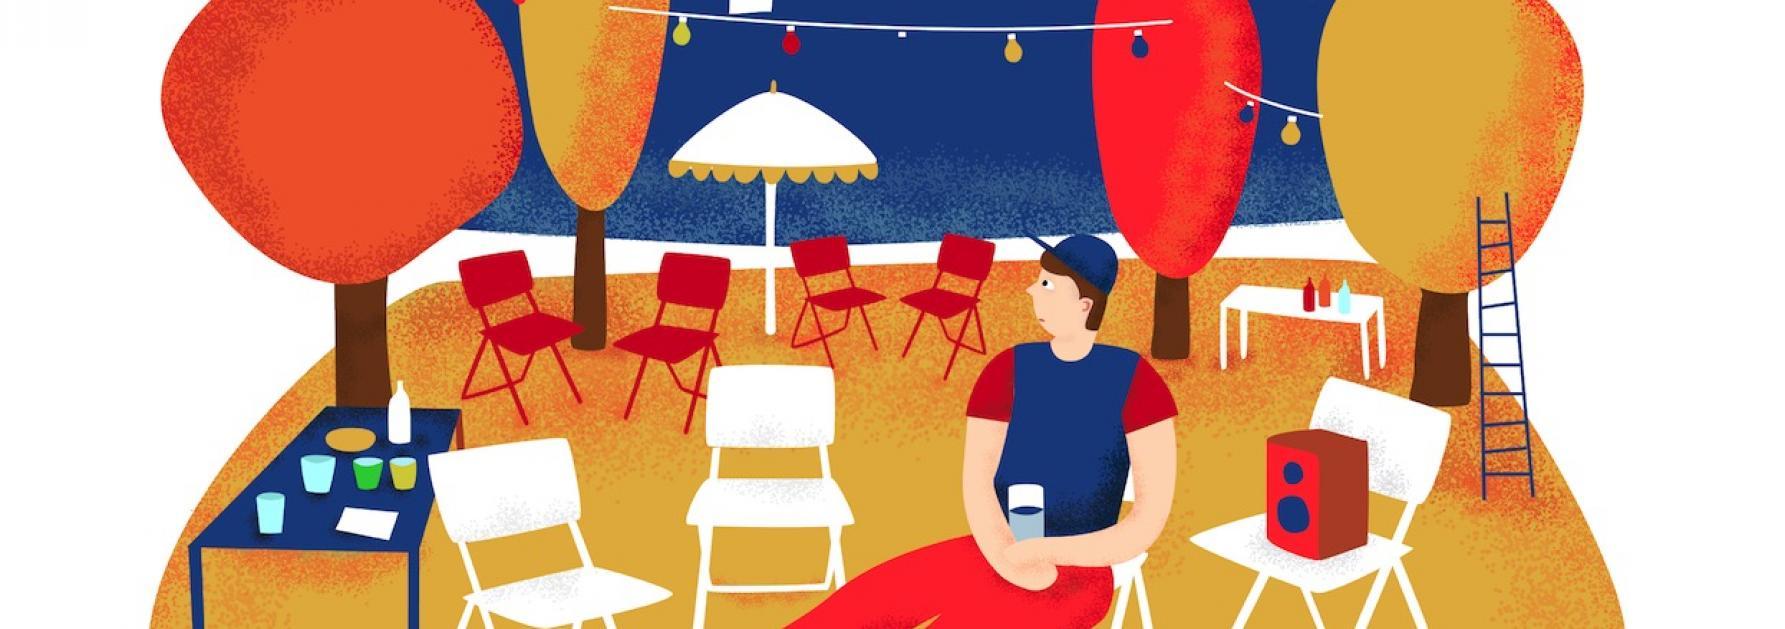 Illustratie van een man op een buurtfeest